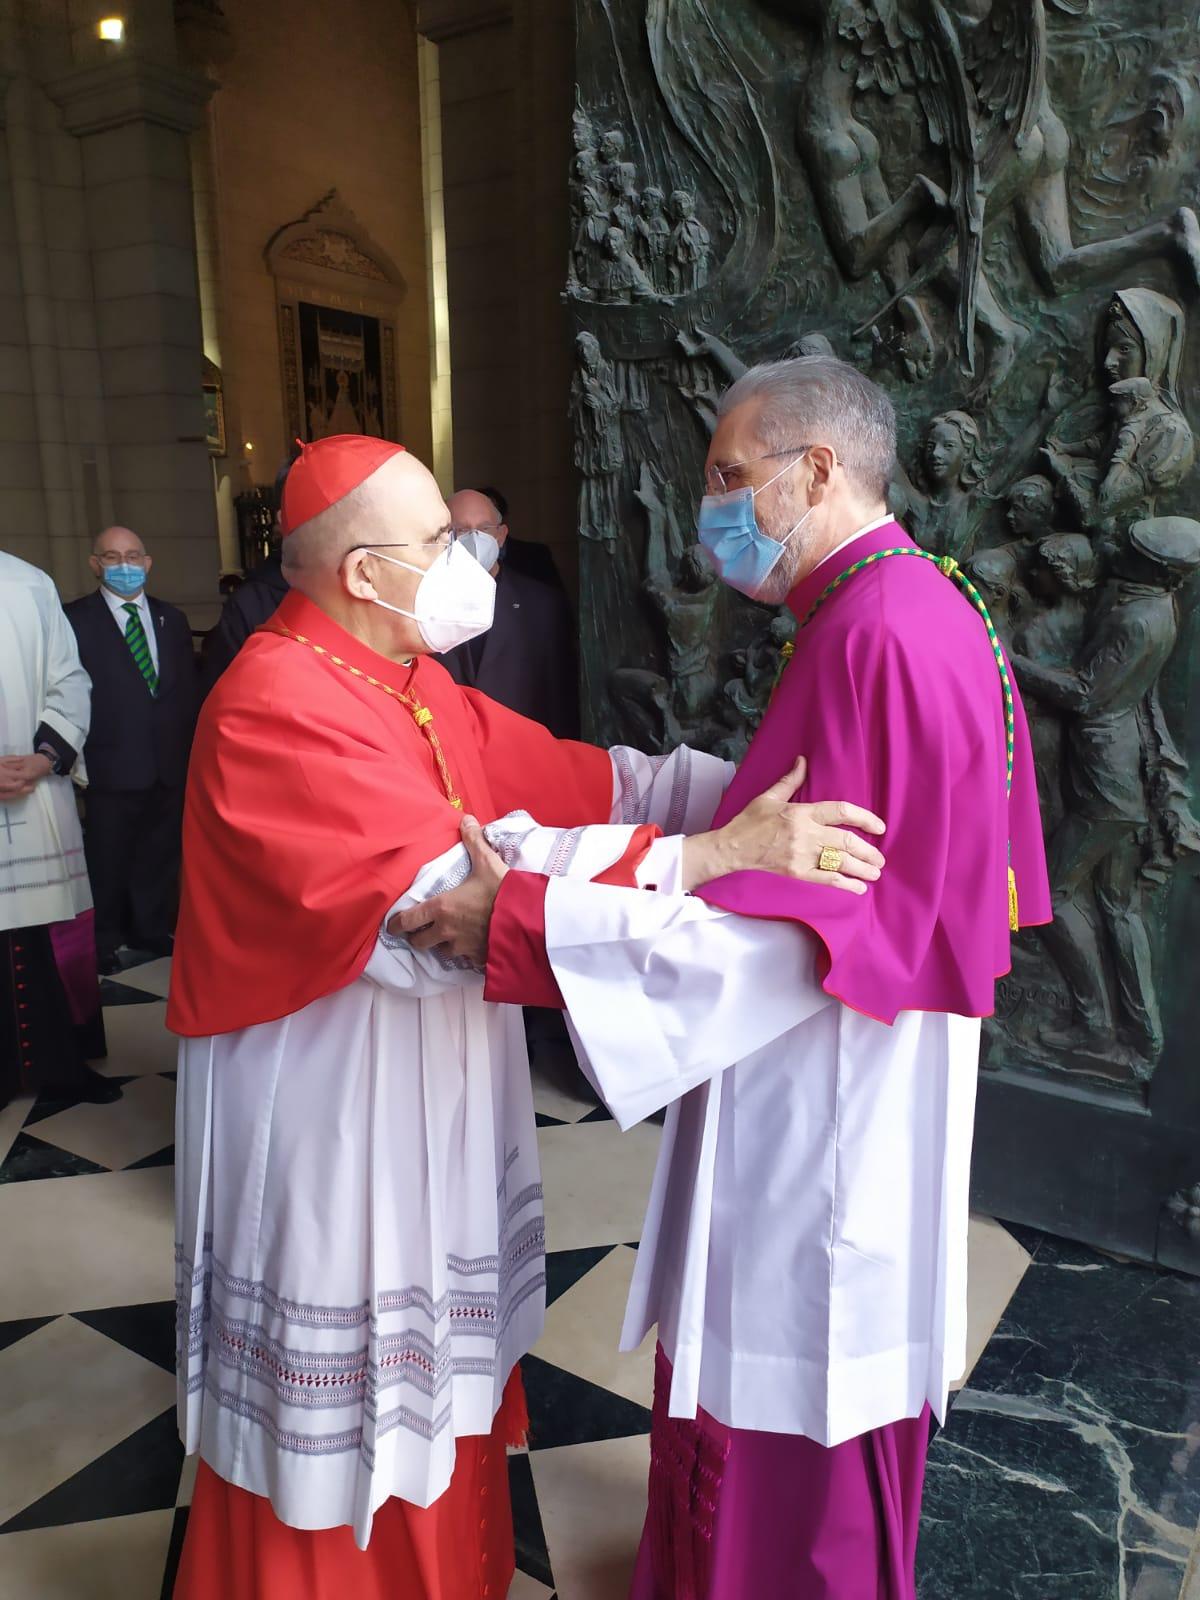 Tras la ordenación episcopal de Mons. Luis Marín, reflexionamos sobre la espiritualidad agustiniana en relación a la sinodalidad.